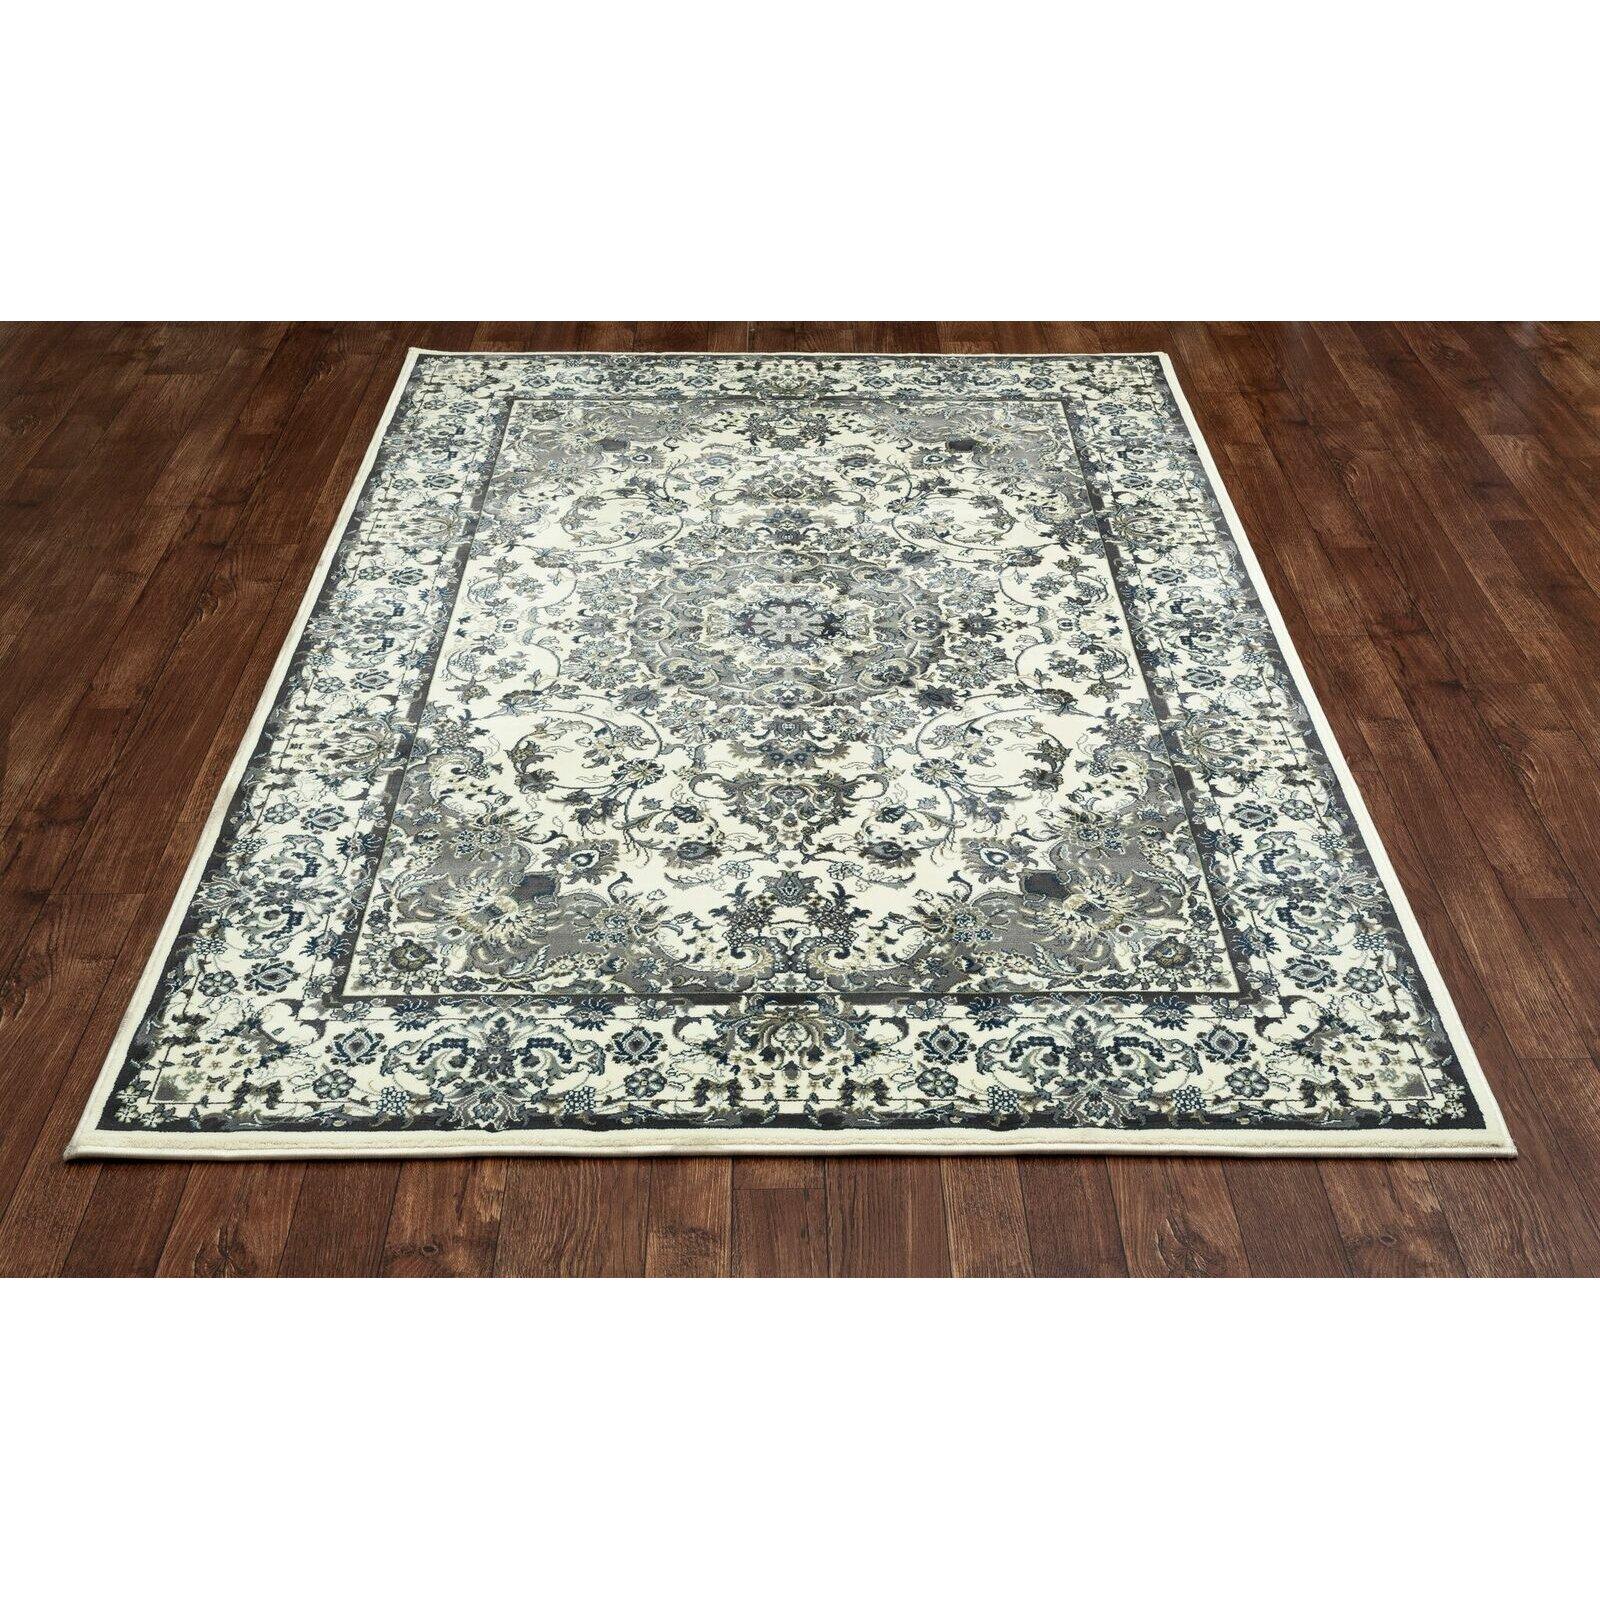 Art Carpet Chelsea Cream/Aqua Area Rug